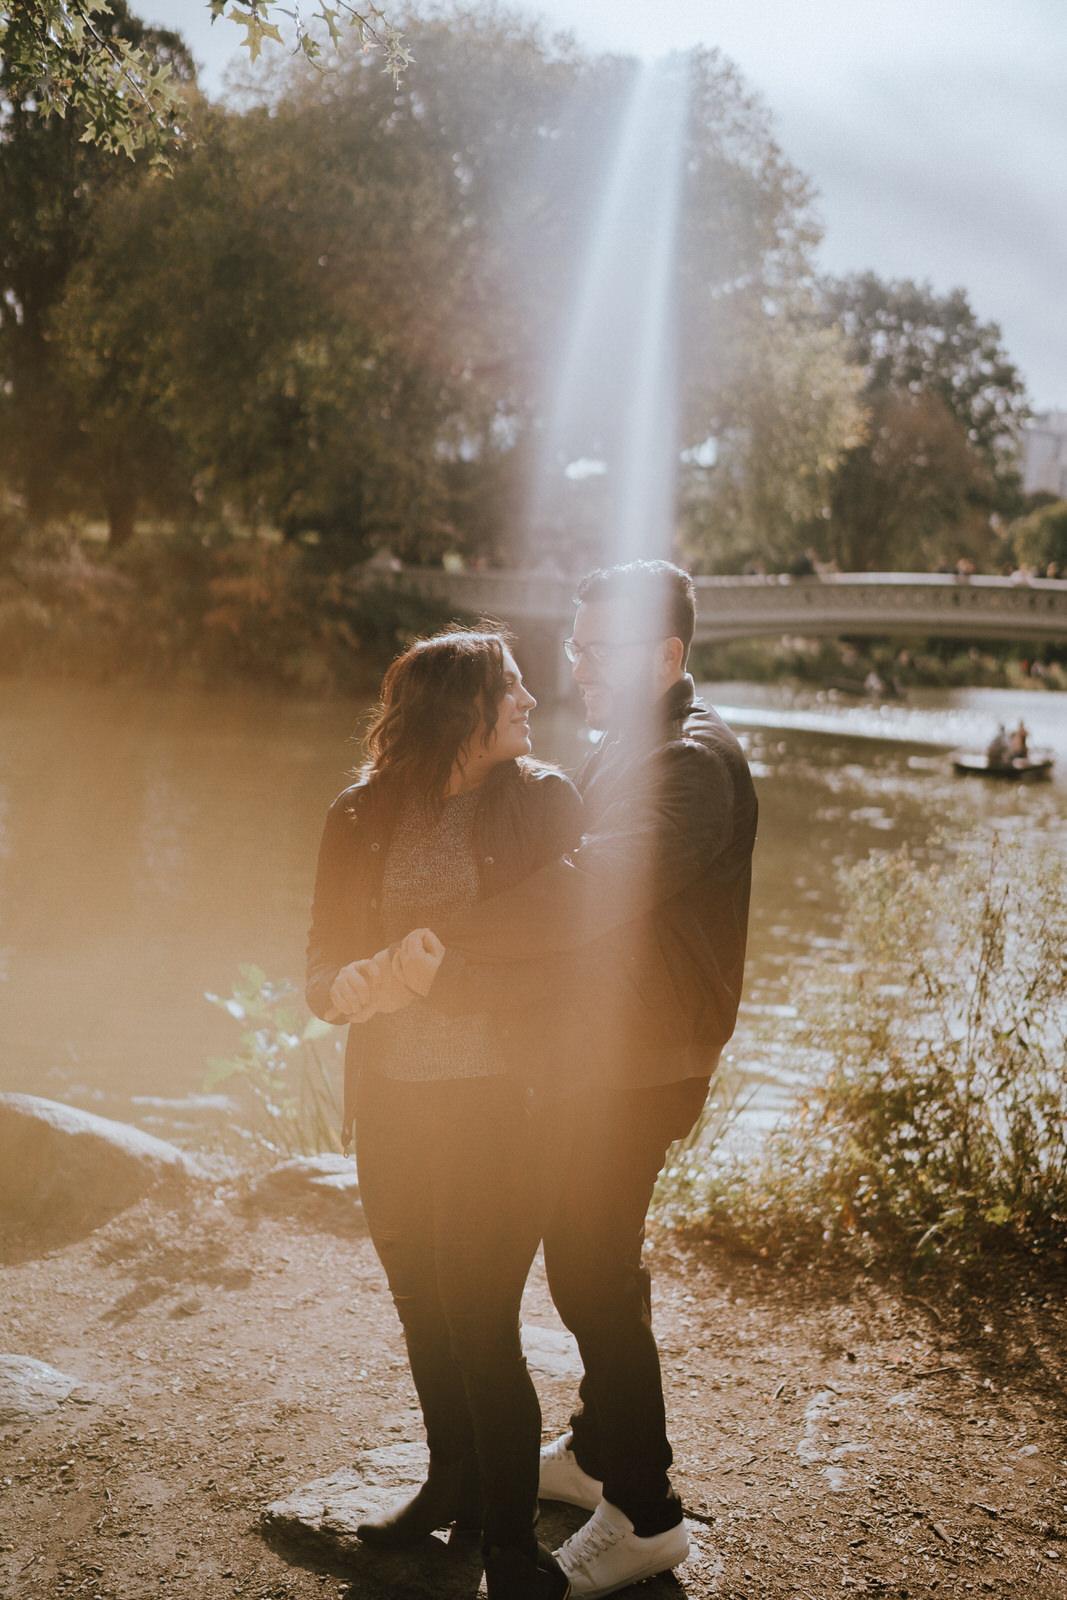 Central Park Engagement Photos-Bow Bridge-Michelle Gonzalez Photography-Alyssa and Cecilio-12.JPG